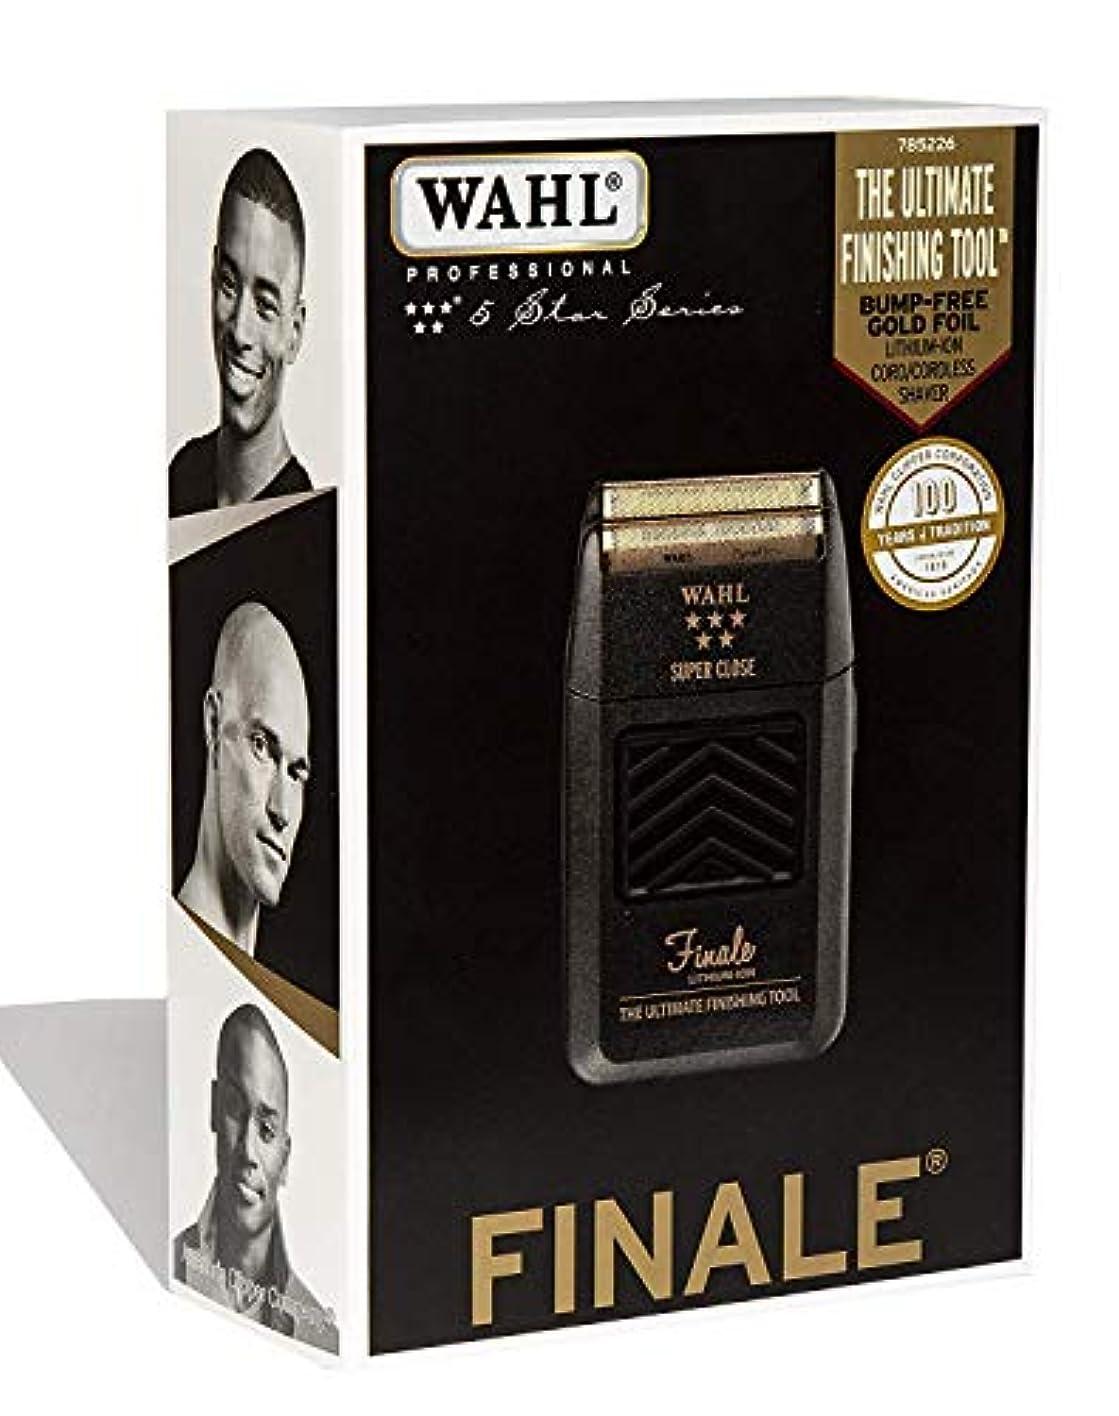 立法ひねくれた成熟Wahl Professional 5 Star Series Finale Finishing Tool #8164 - Great for Professional Stylists and Barbers - Super...